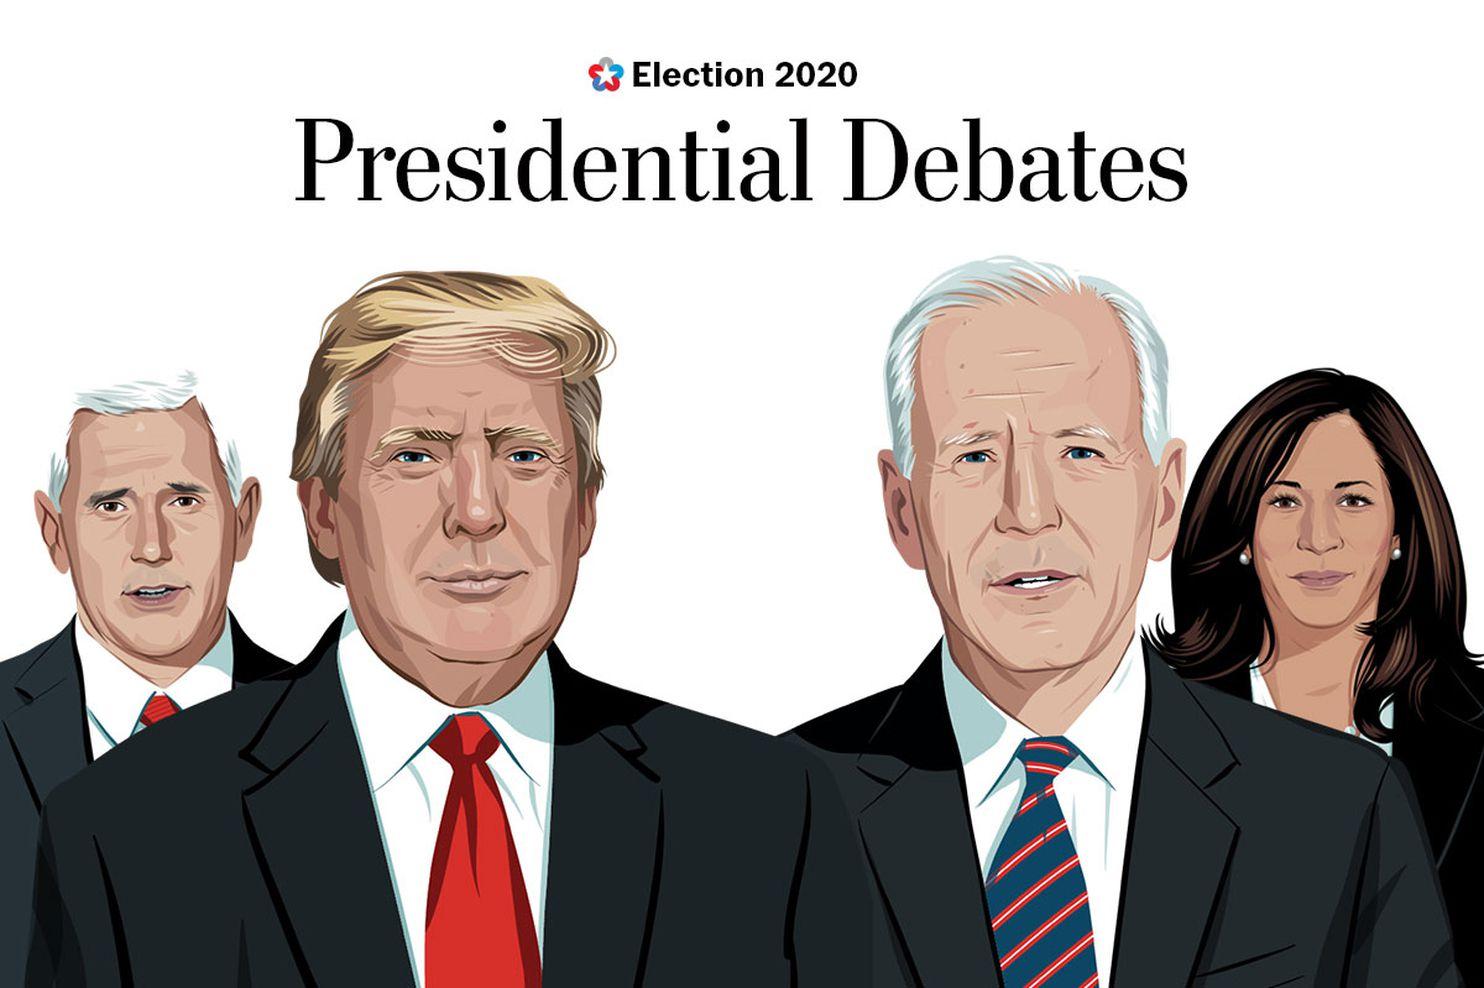 Ứng viên Biden sau cuộc tranh luận hỗn loạn với ông Trump: Dừng cuộc chơi hay yêu cầu đổi luật chơi? - Ảnh 1.